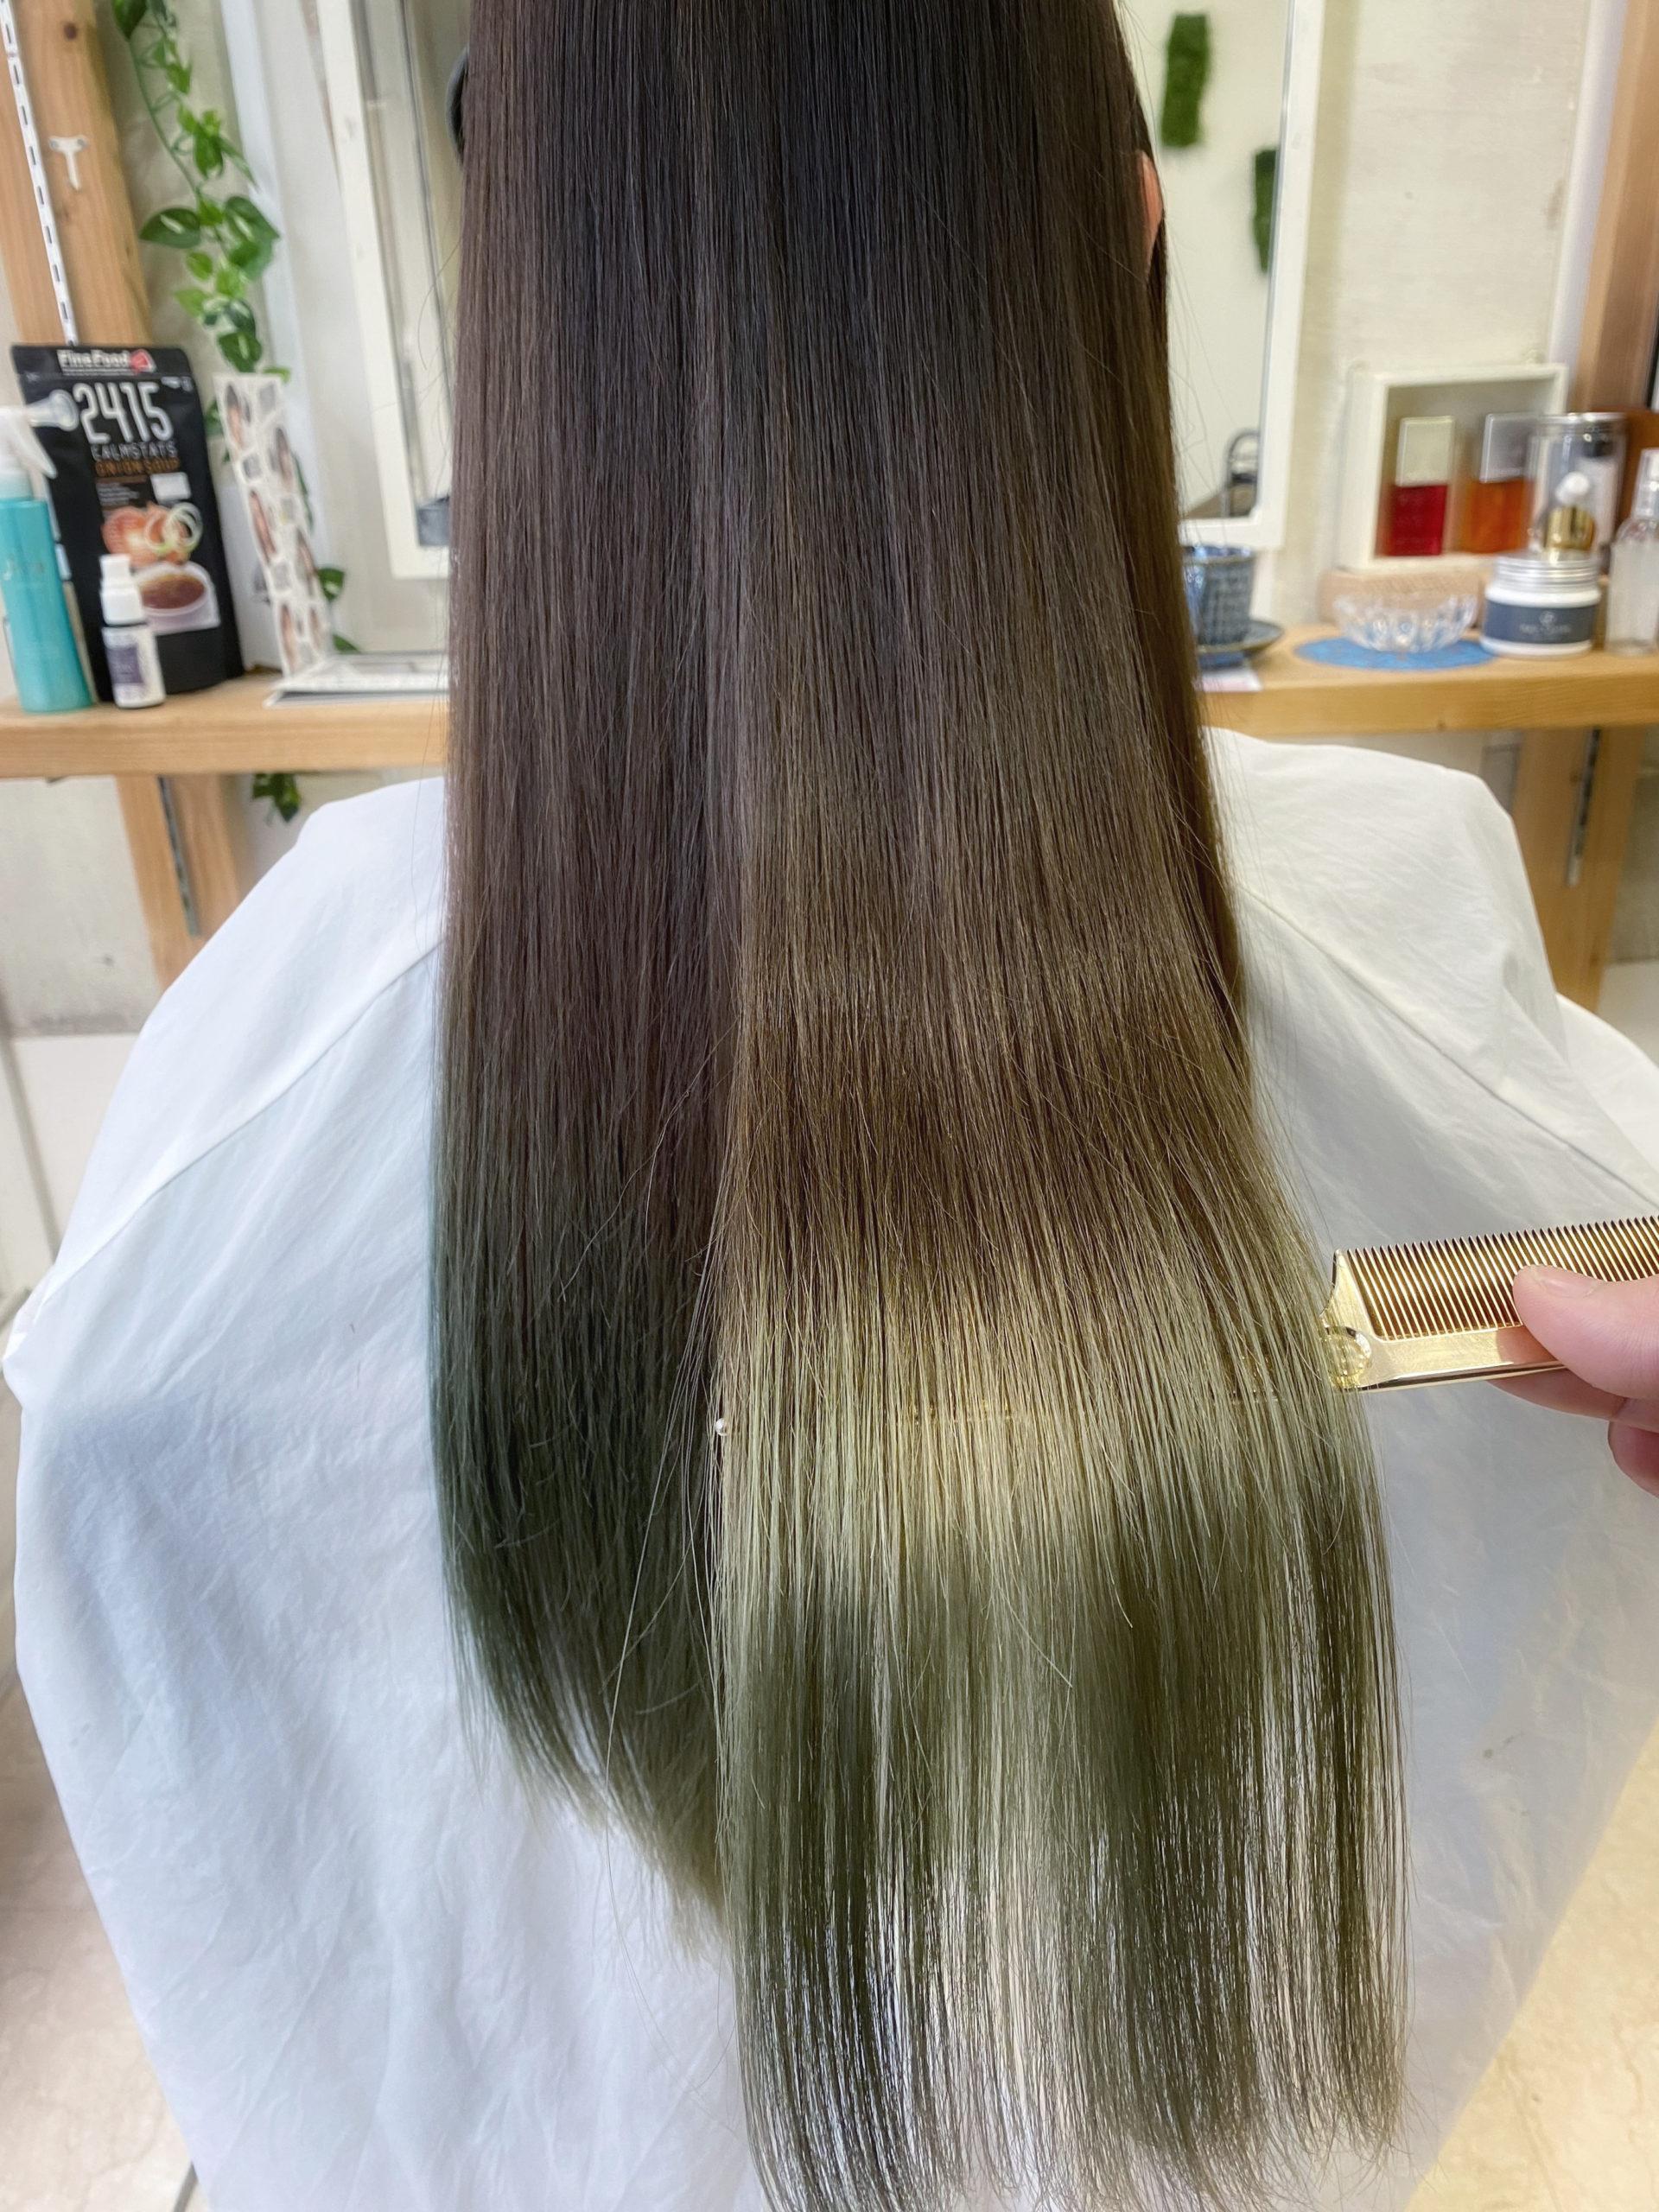 髪質改善でブリーチでパサパサになった髪を艶髪に変身。原宿・表参道『髪のお悩みを解決するヘアケア美容師の挑戦』